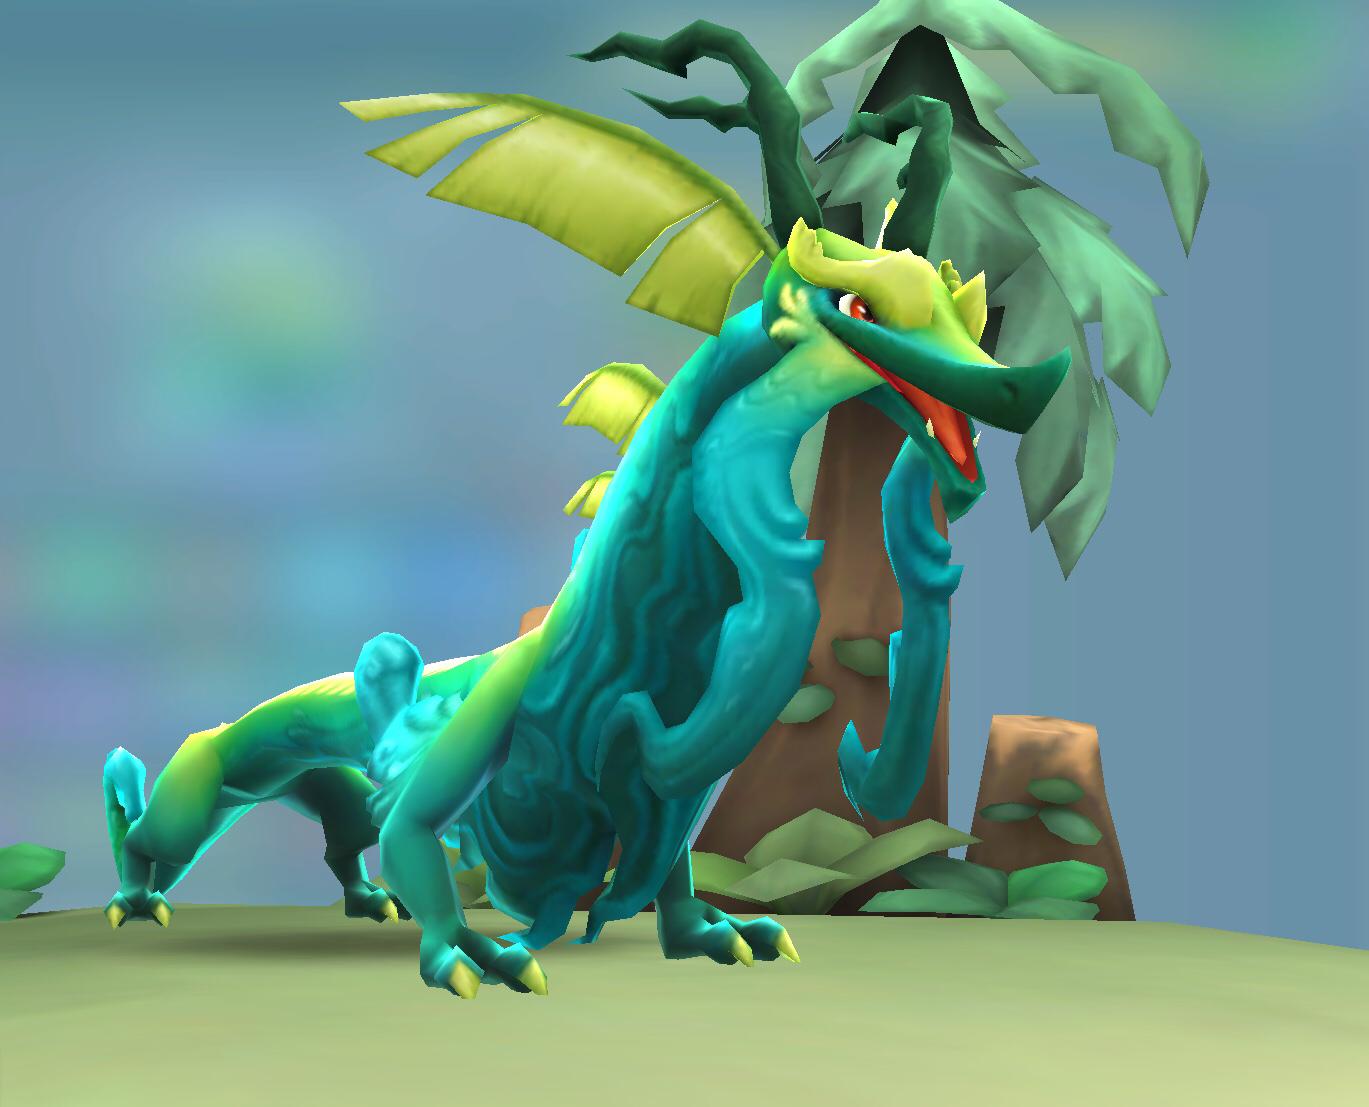 Monsoon Dragon | DragonVale World Wiki | FANDOM powered by Wikia